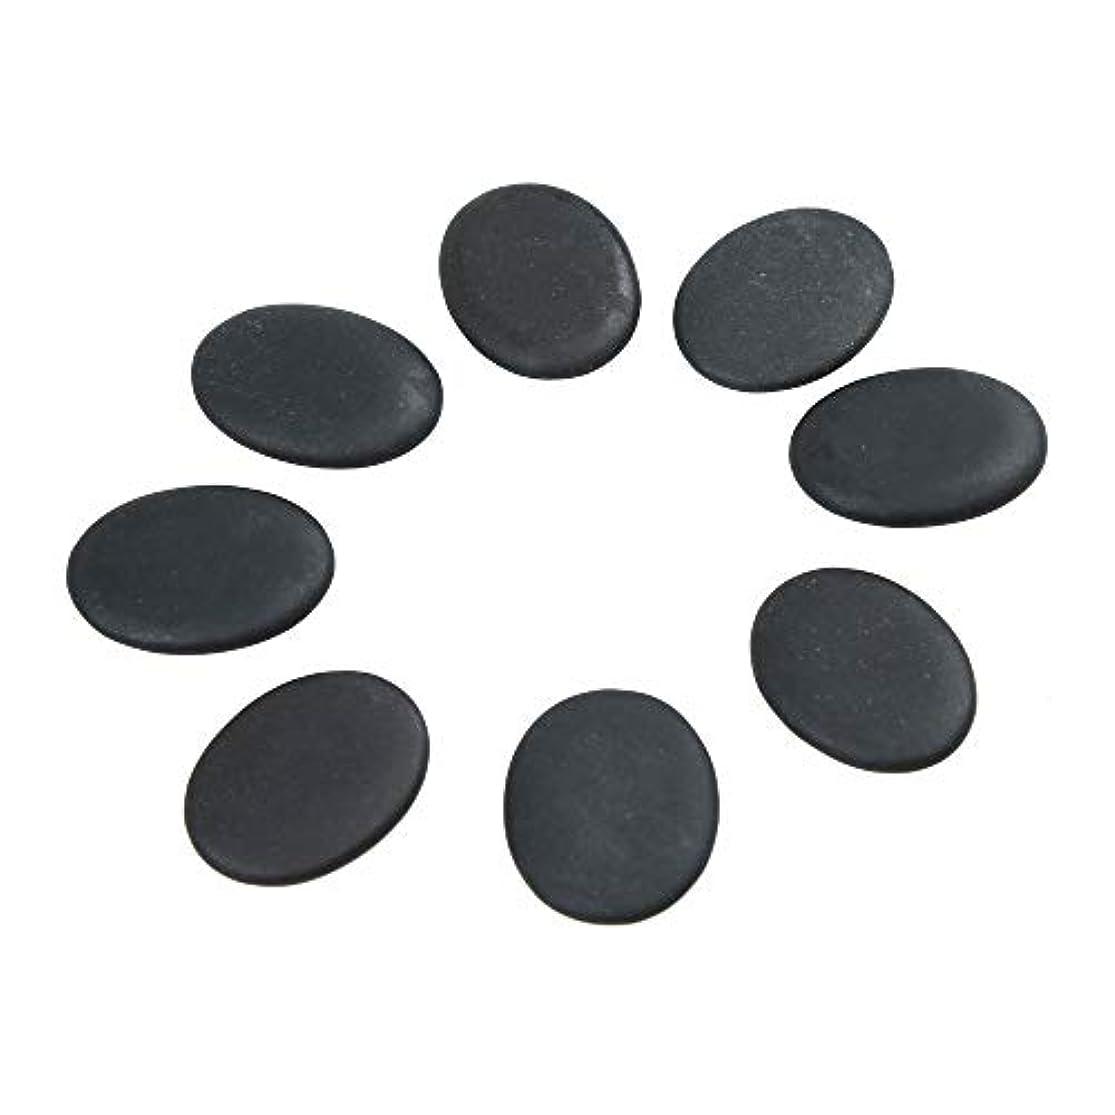 遠え割合従うWindfulogo 8個入りホットマッサージストーンセット天然溶岩玄武岩スパマッサージ用暖かいストーンブラックBlack1.18 x 1.57 in(3x4cm)